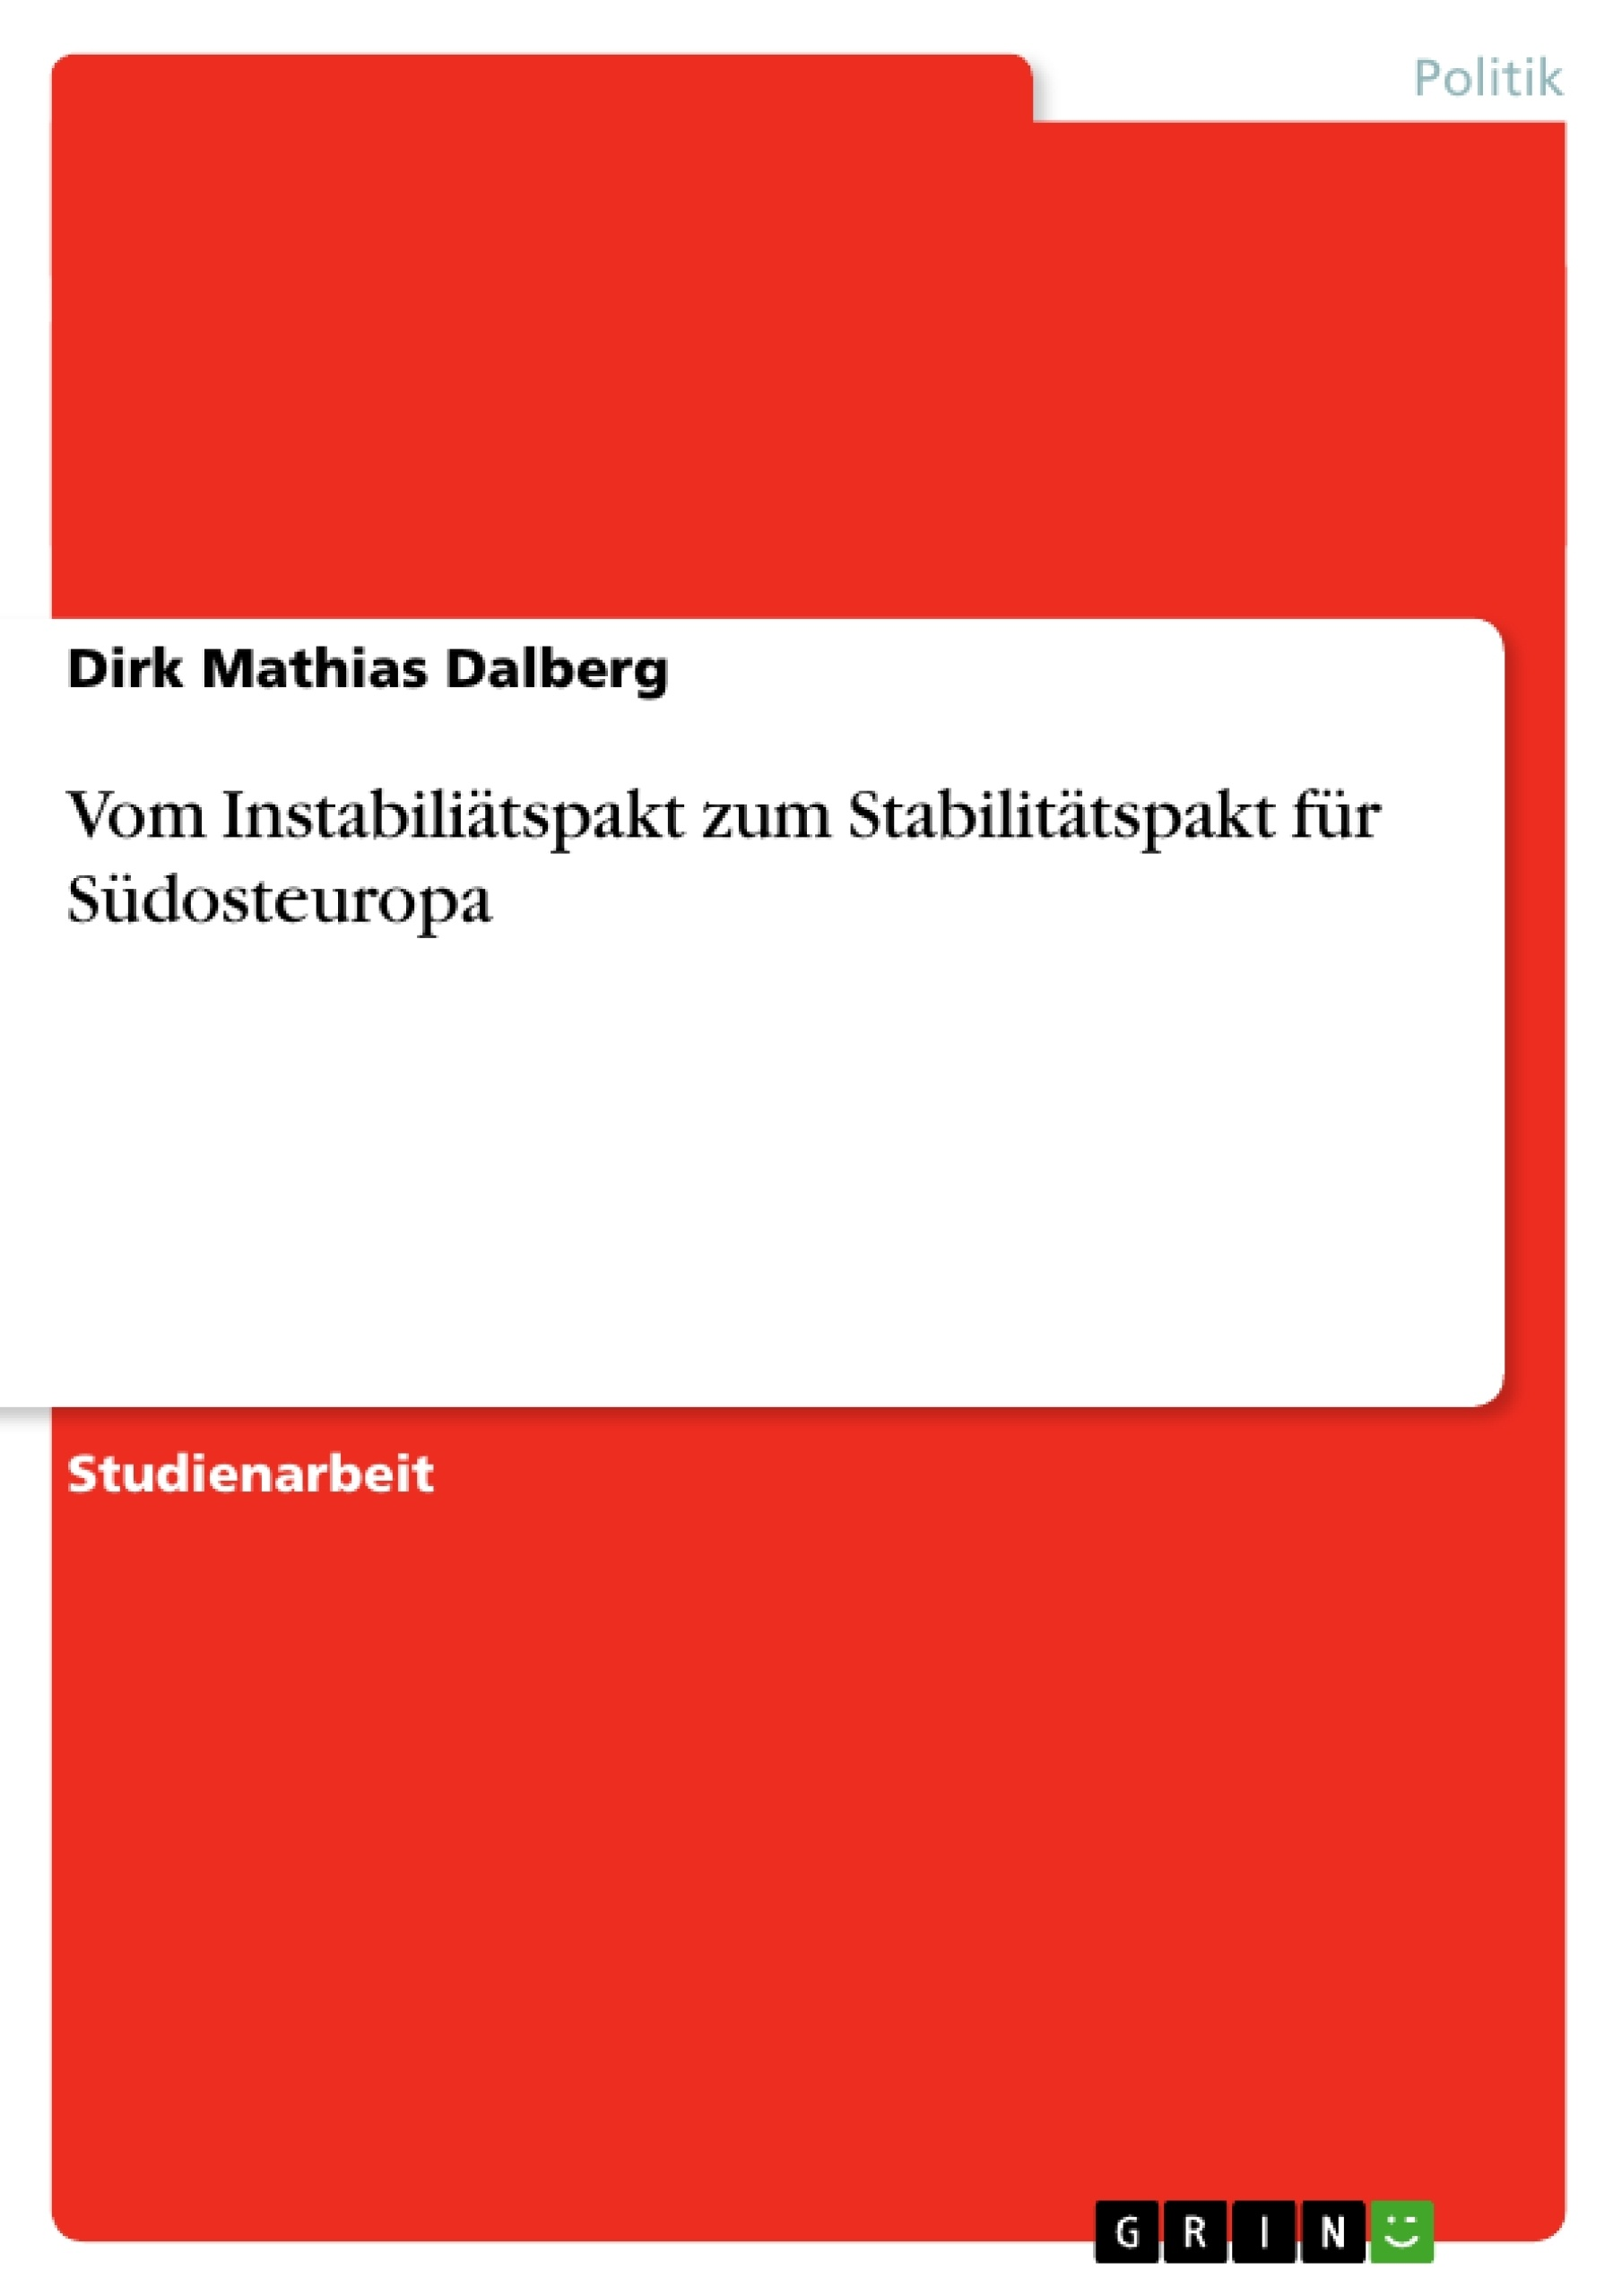 Titel: Vom Instabiliätspakt zum Stabilitätspakt für Südosteuropa